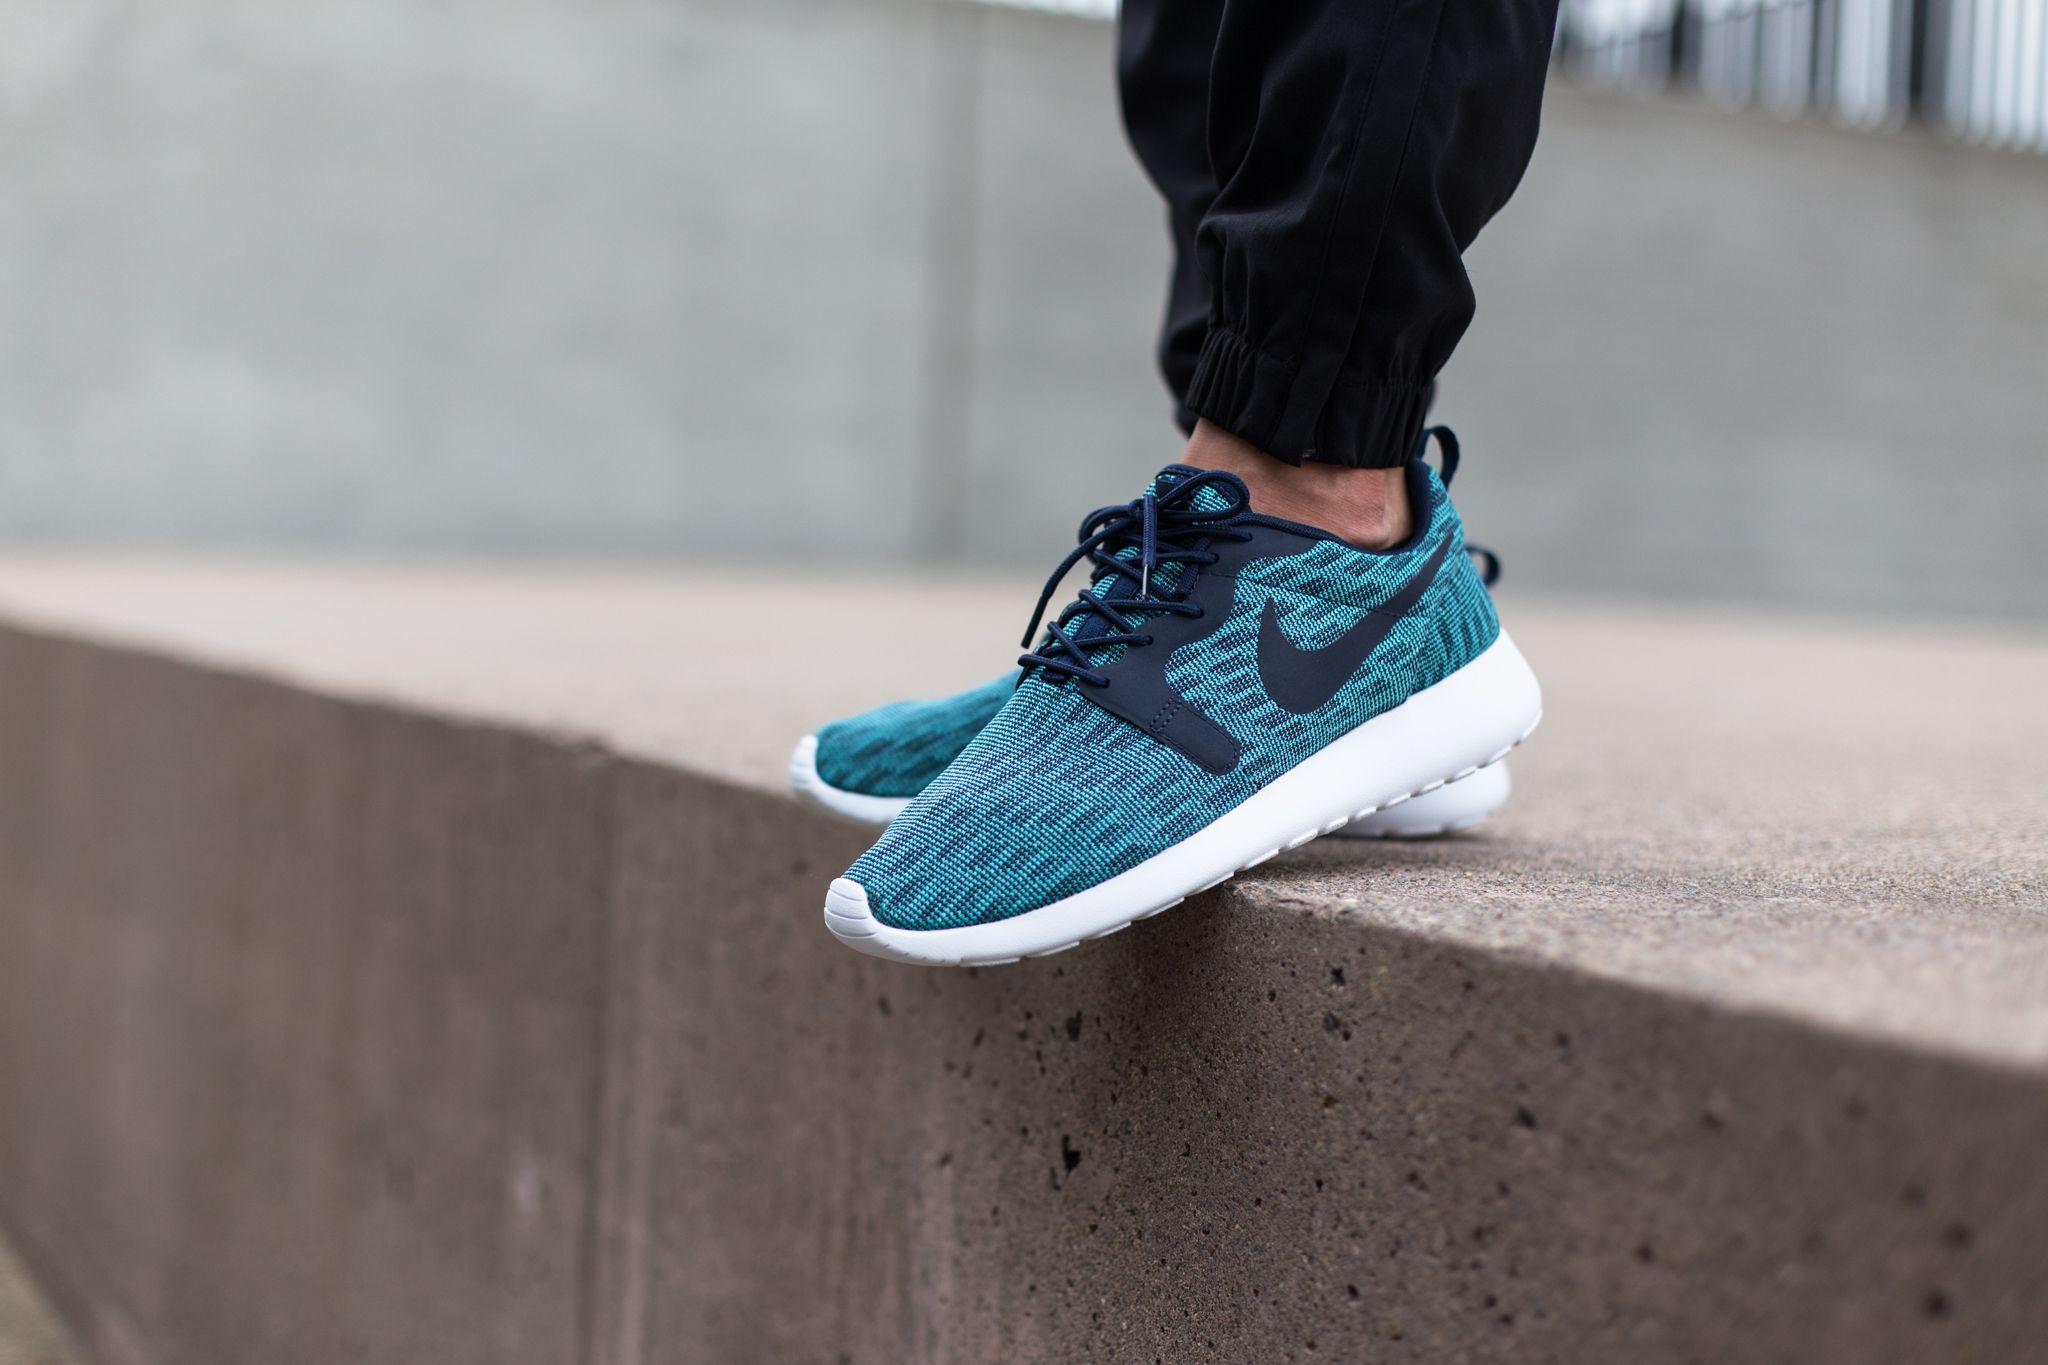 Nike Roshe One Retro Blau Gelb Damen Sneakers Online Shop